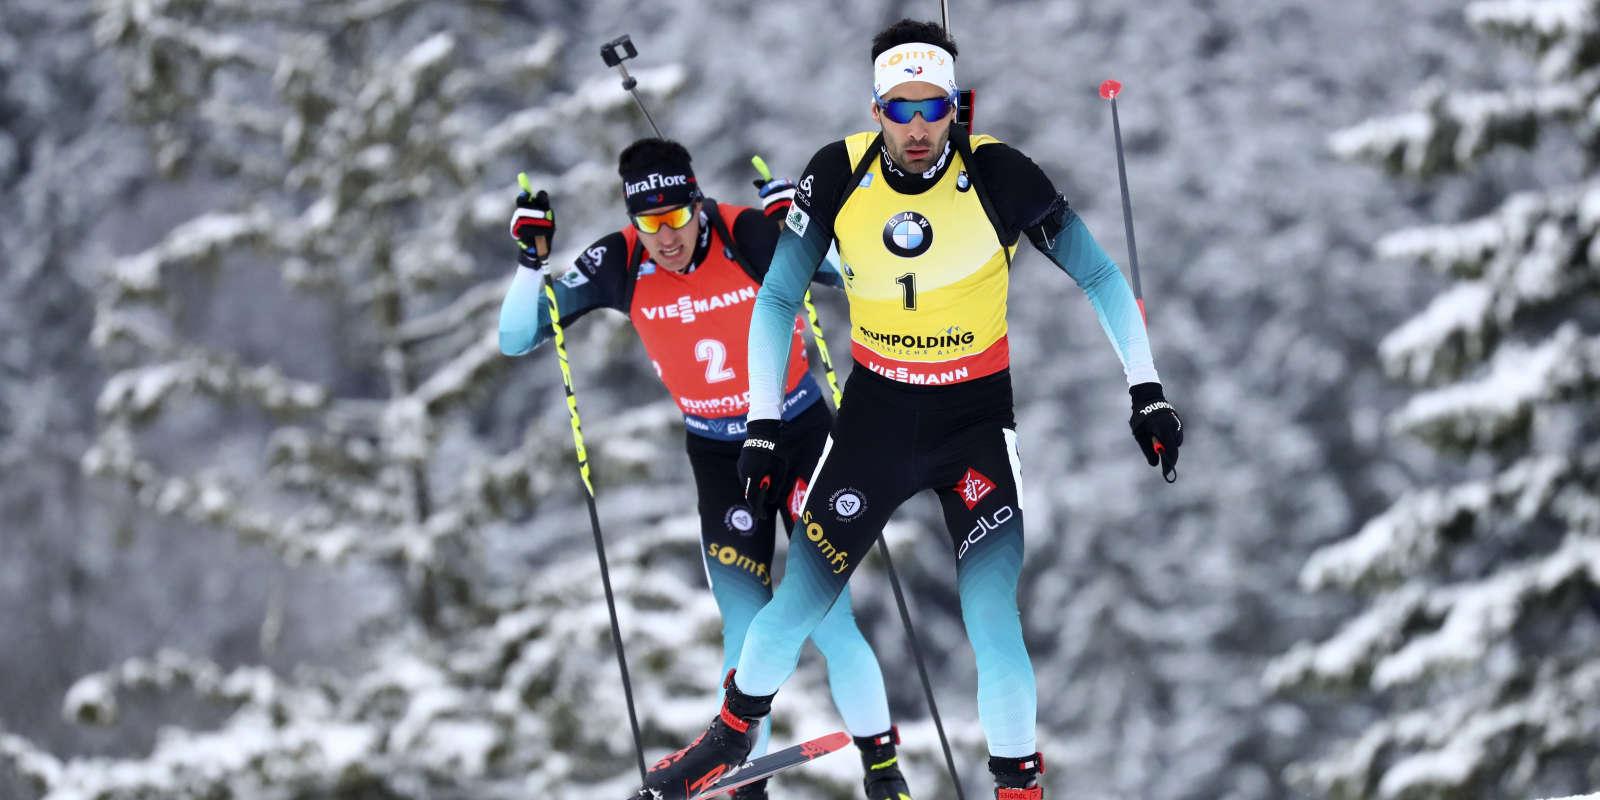 Martin Fourcade a remporté la poursuite de Ruhpolding (Allemagne) devant son compatriote Quentin Fillon-Maillet, dimanche 19 janvier.